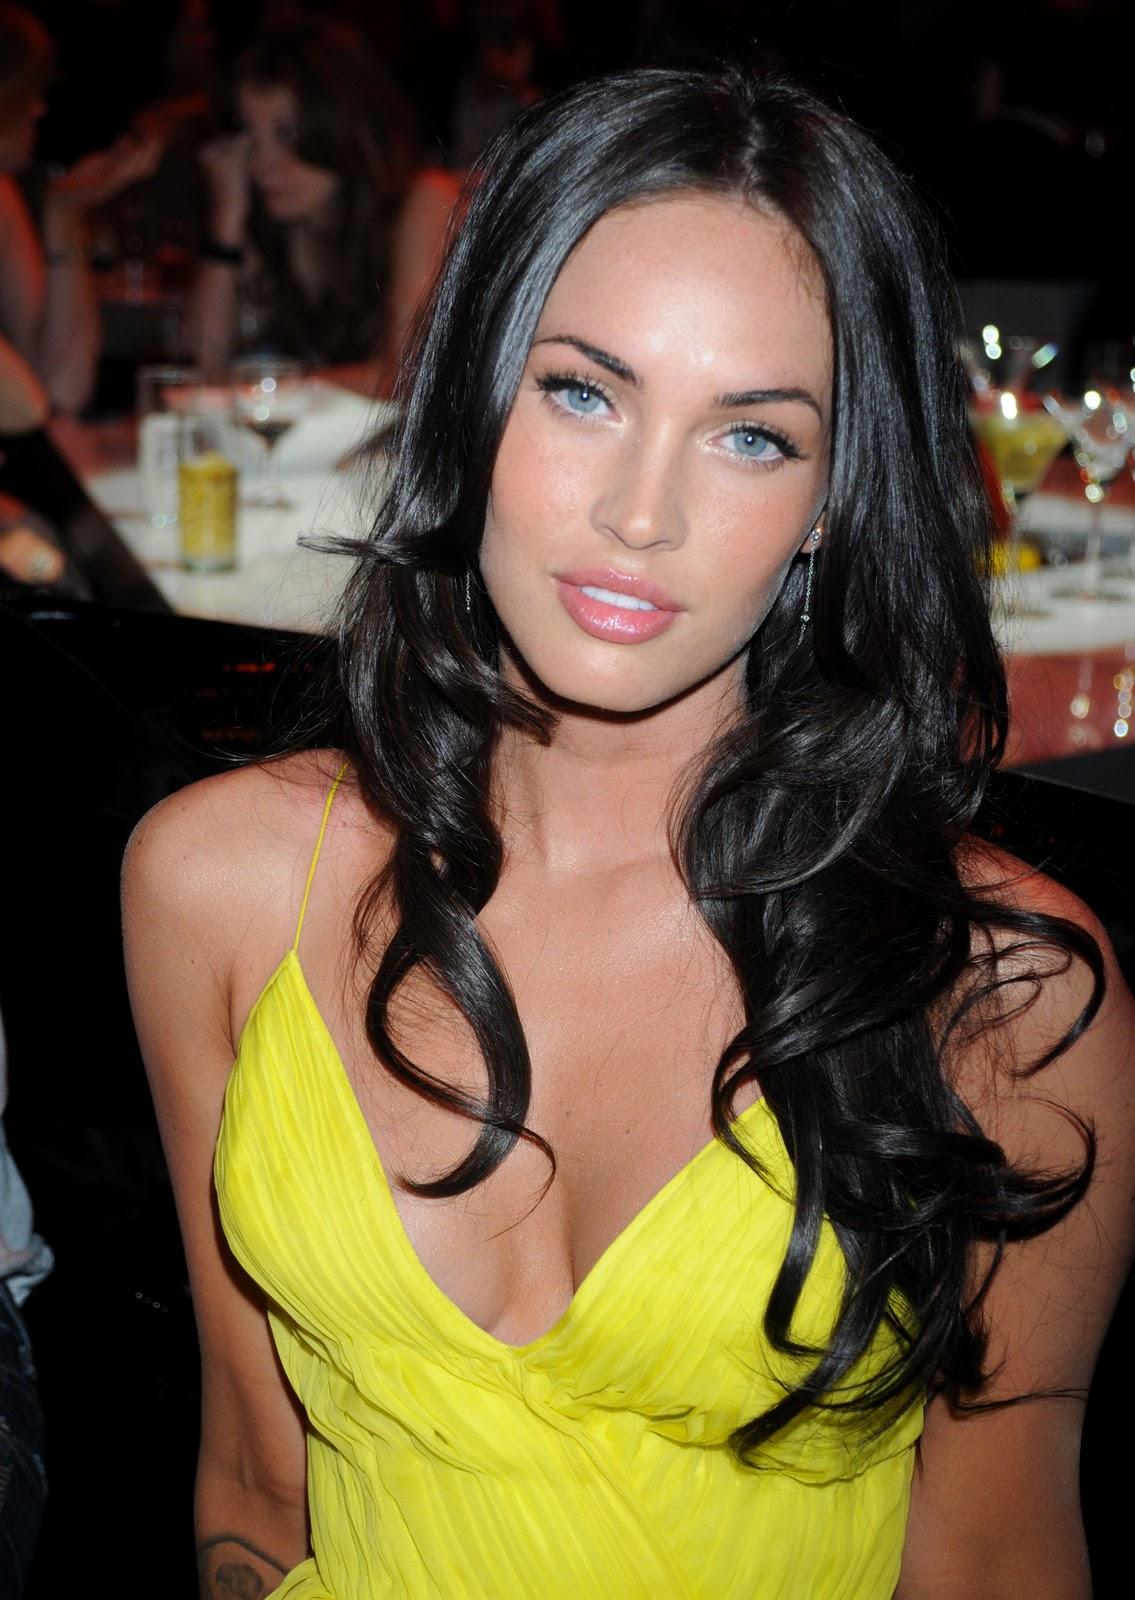 http://4.bp.blogspot.com/-c15mGszUrT4/TrKe6PveoBI/AAAAAAAAB3U/Q6piKN7neOY/s1600/Megan+Fox%2521+x.jpg